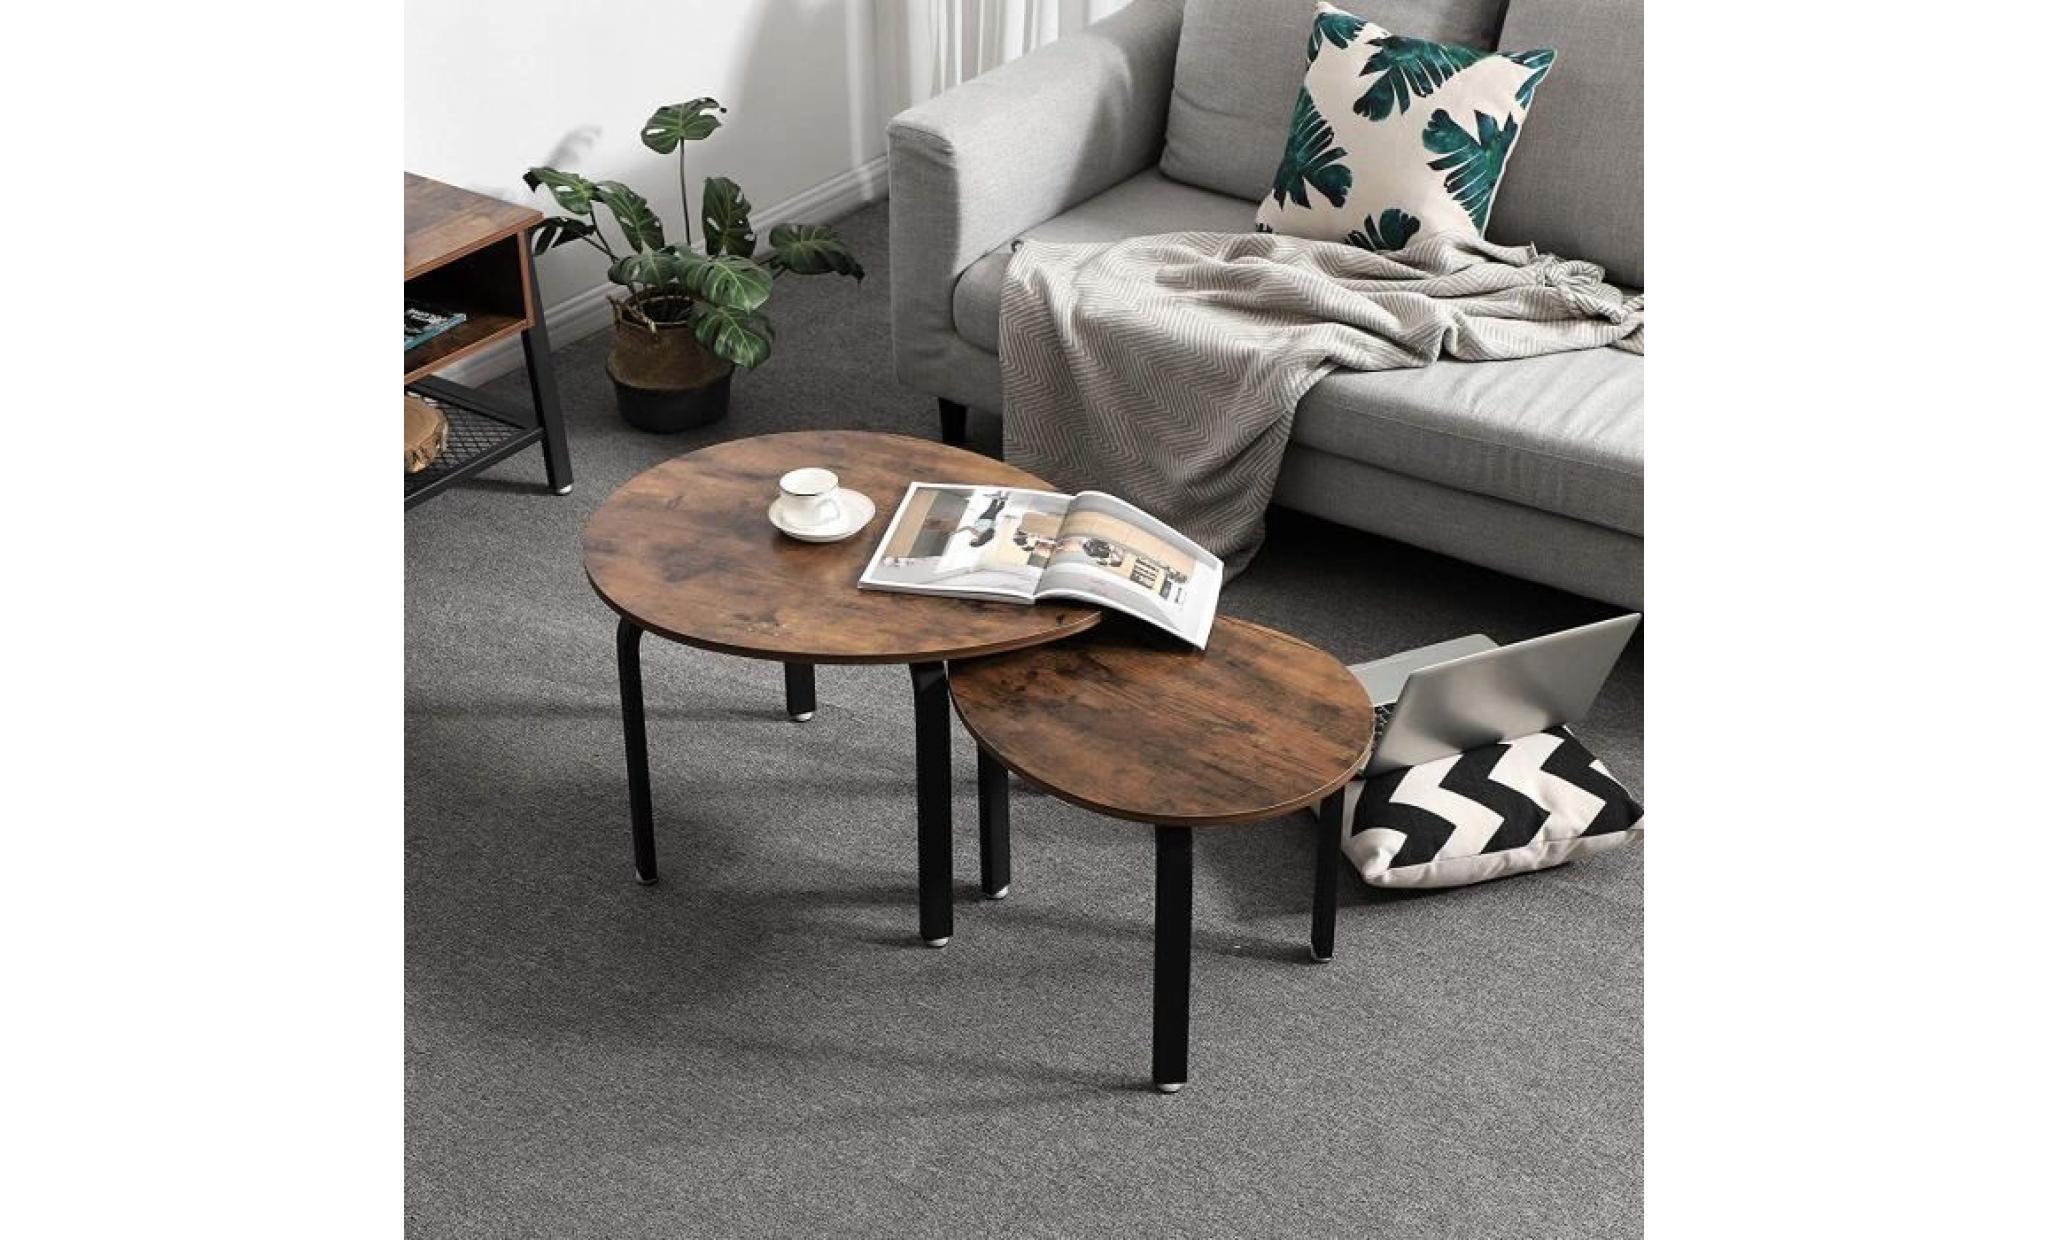 Vasagle Lot De 2 Tables Gigognes Table Basse Table D Appoint Style Industriel Pieds En Fer Aspect Bois Vieilli Lnt12x